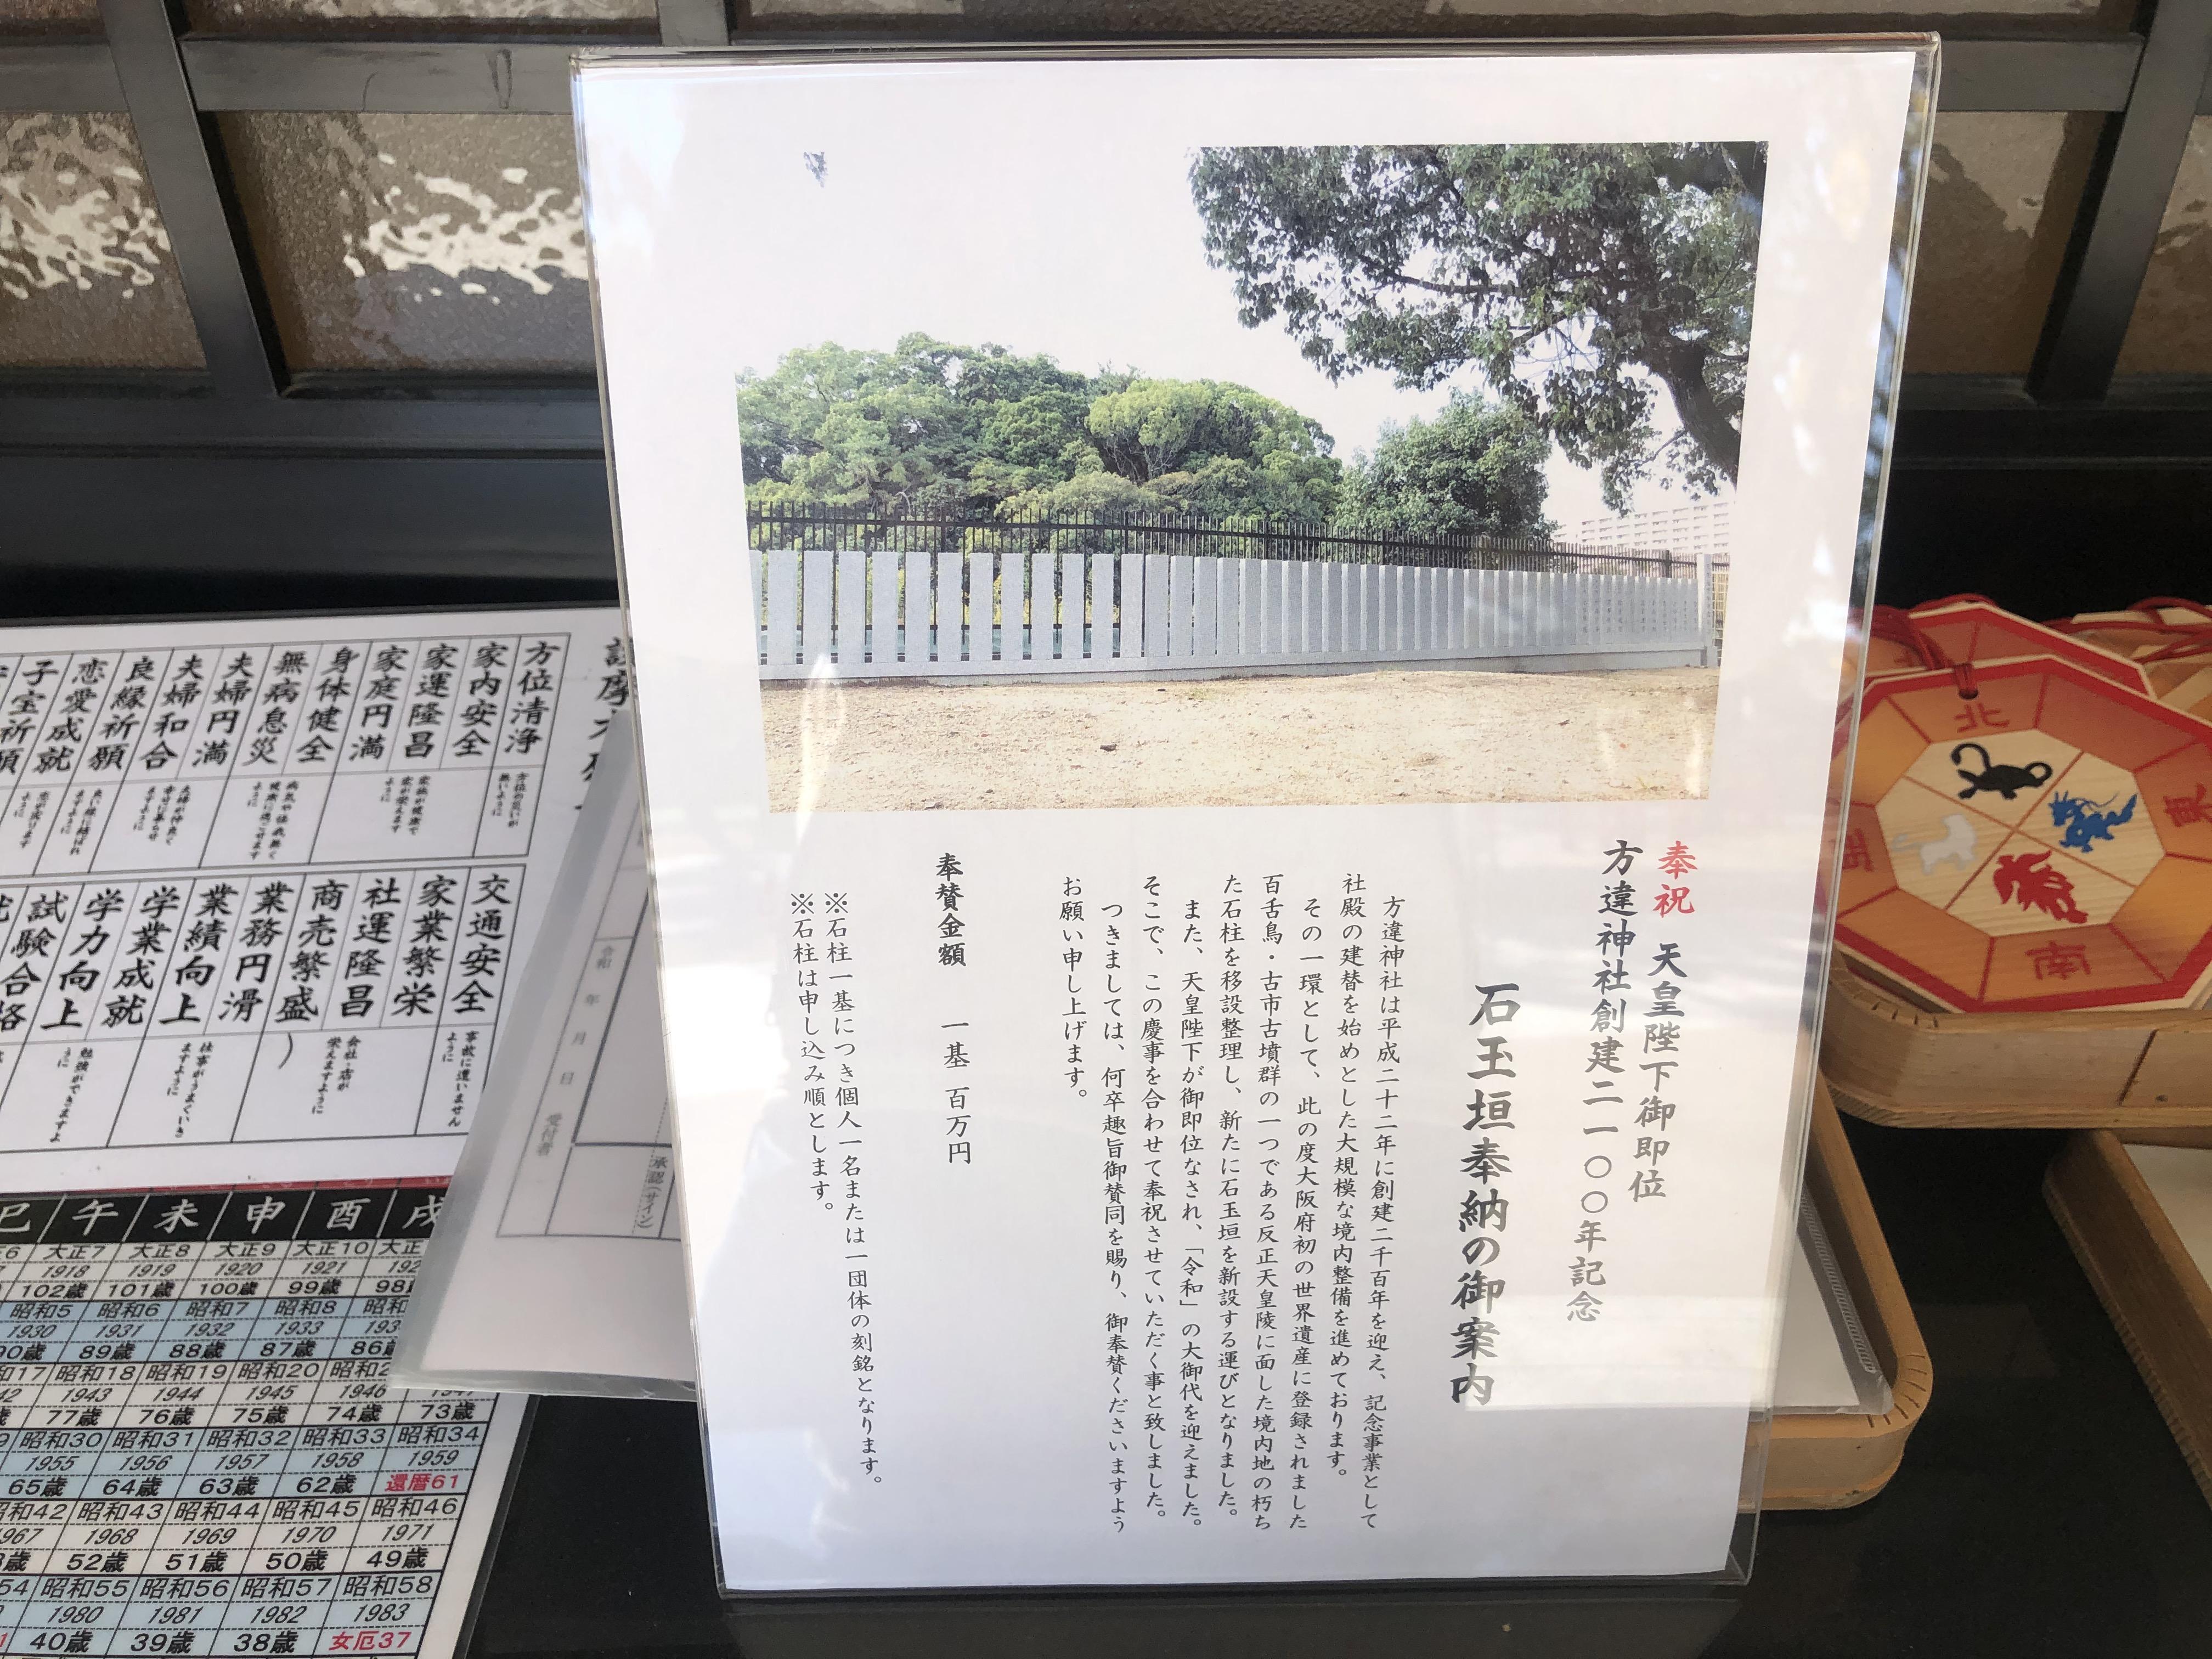 方違神社の天皇即位の際のパンプレット